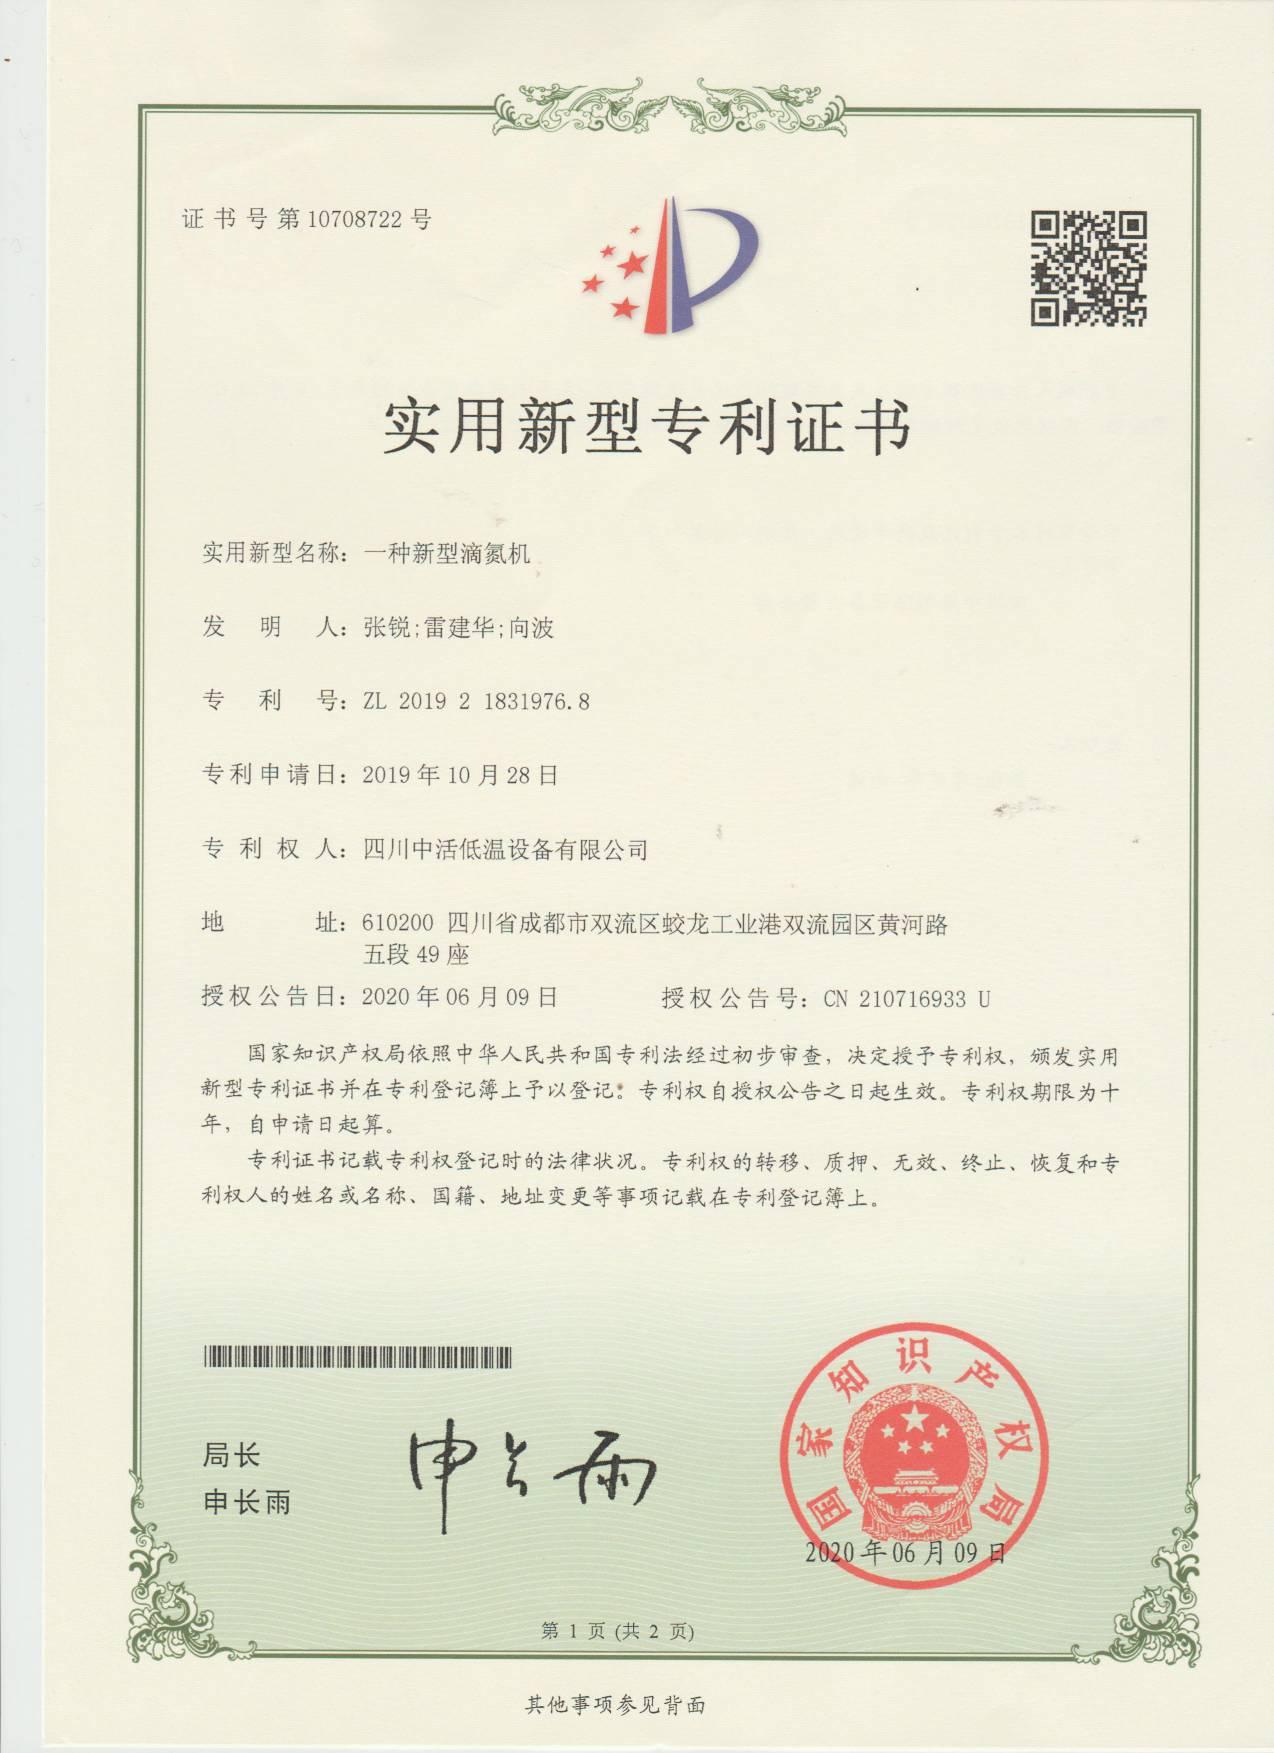 四川中活一种新型滴氮机专利证书